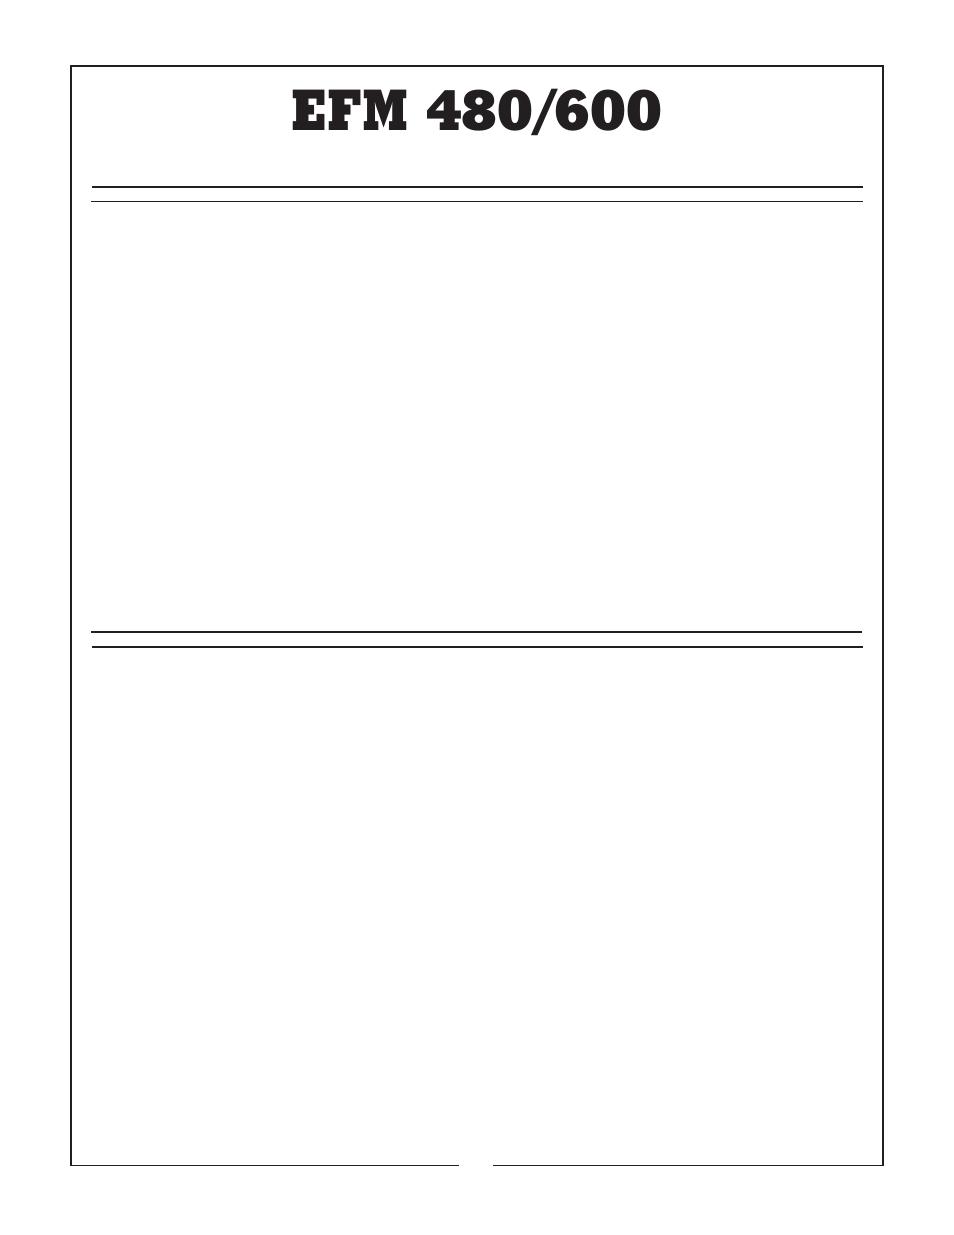 bush hog efm 480 600 user manual page 3 20 original mode rh manualsdir com bush soundbar instruction manual bush soundbar instruction manual